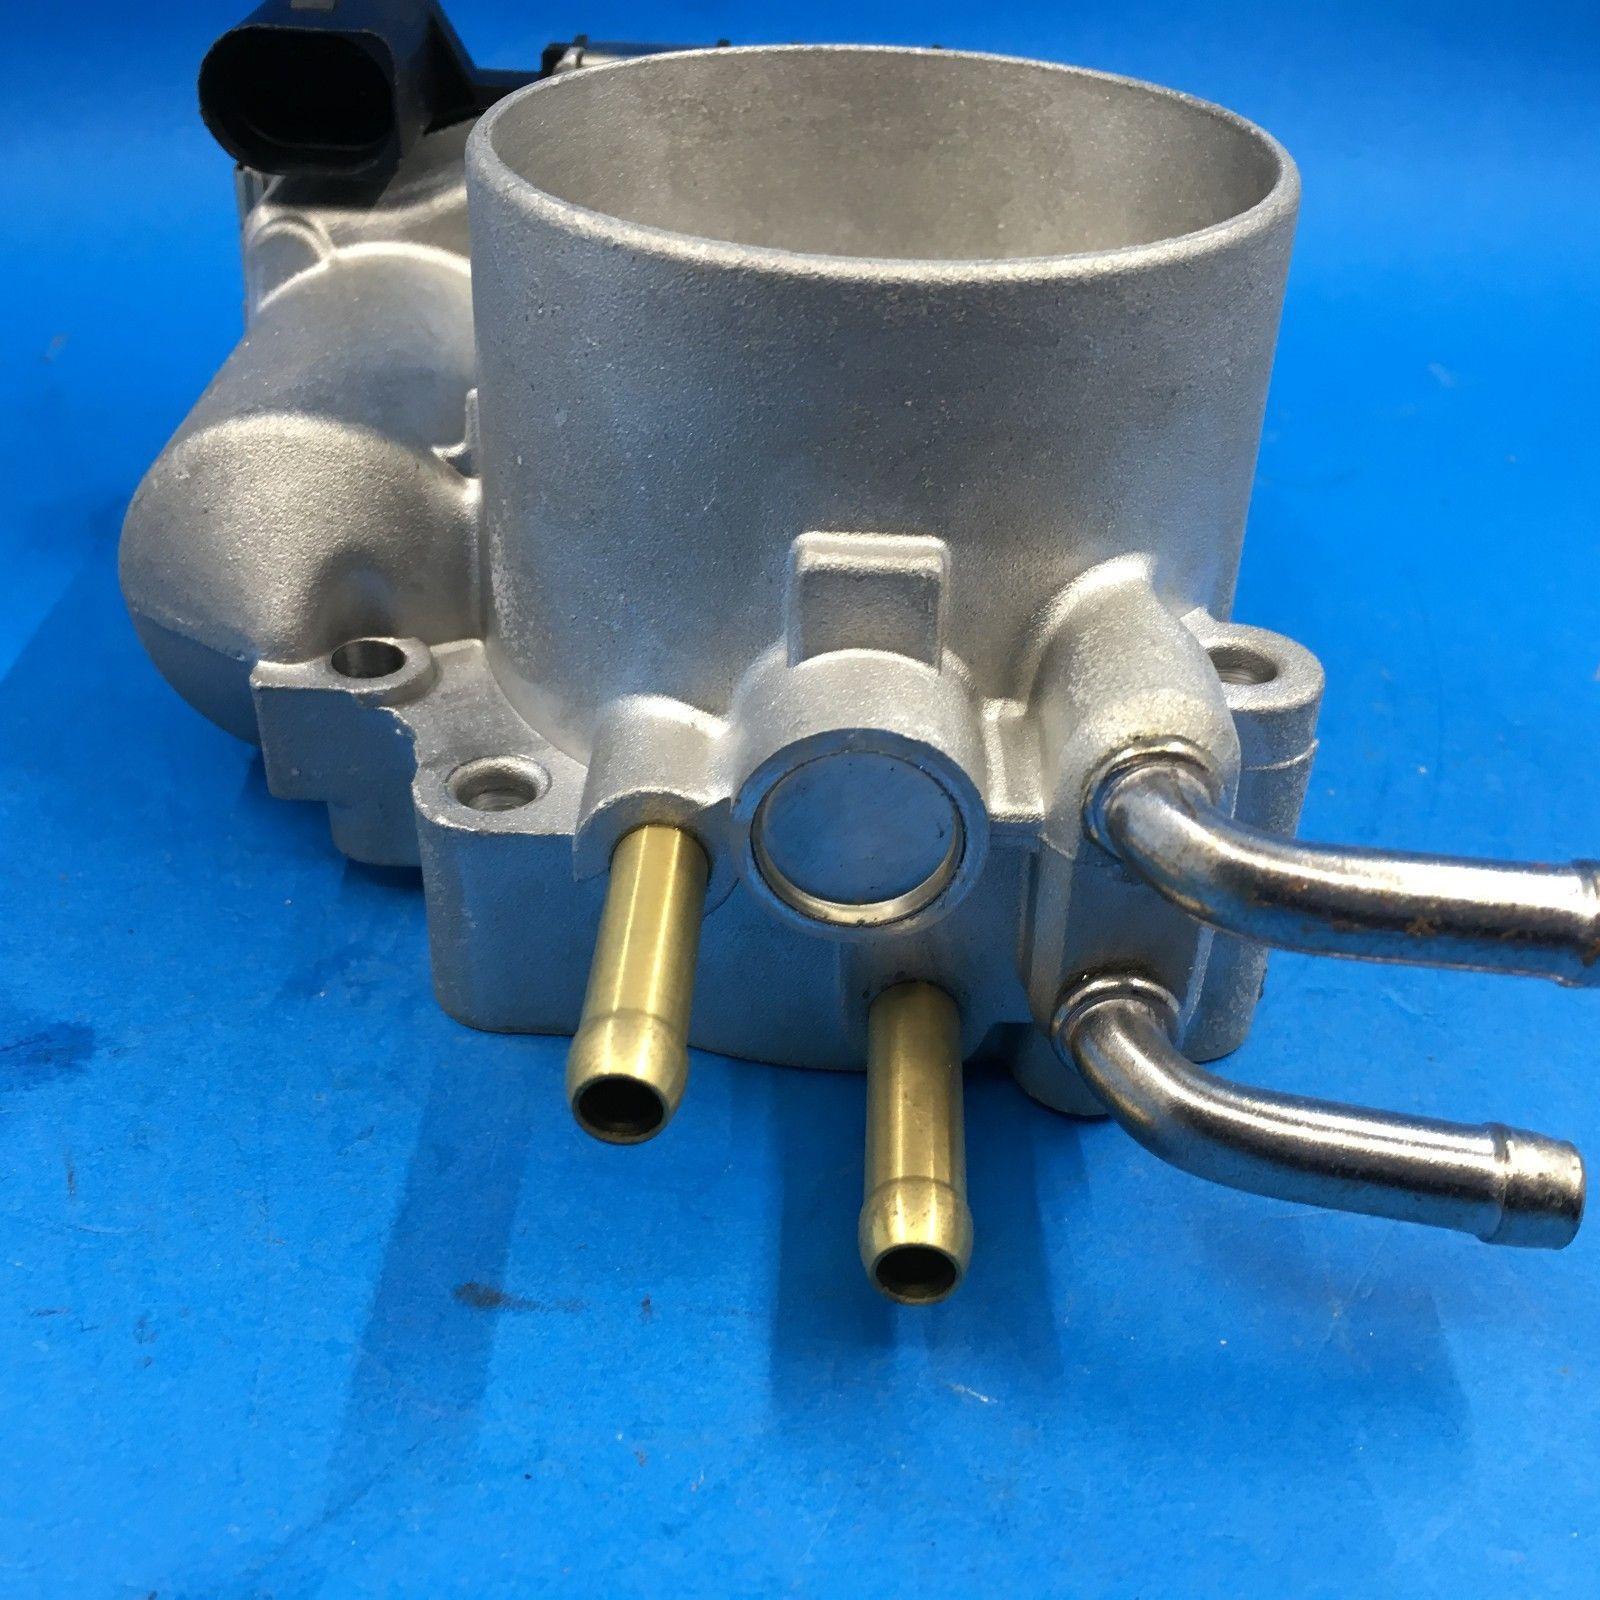 Yeni Yakıt Enjeksiyon Throttle Body Montaj 2000-2006 AUDI A4 VW 2.8L 3.0L V6